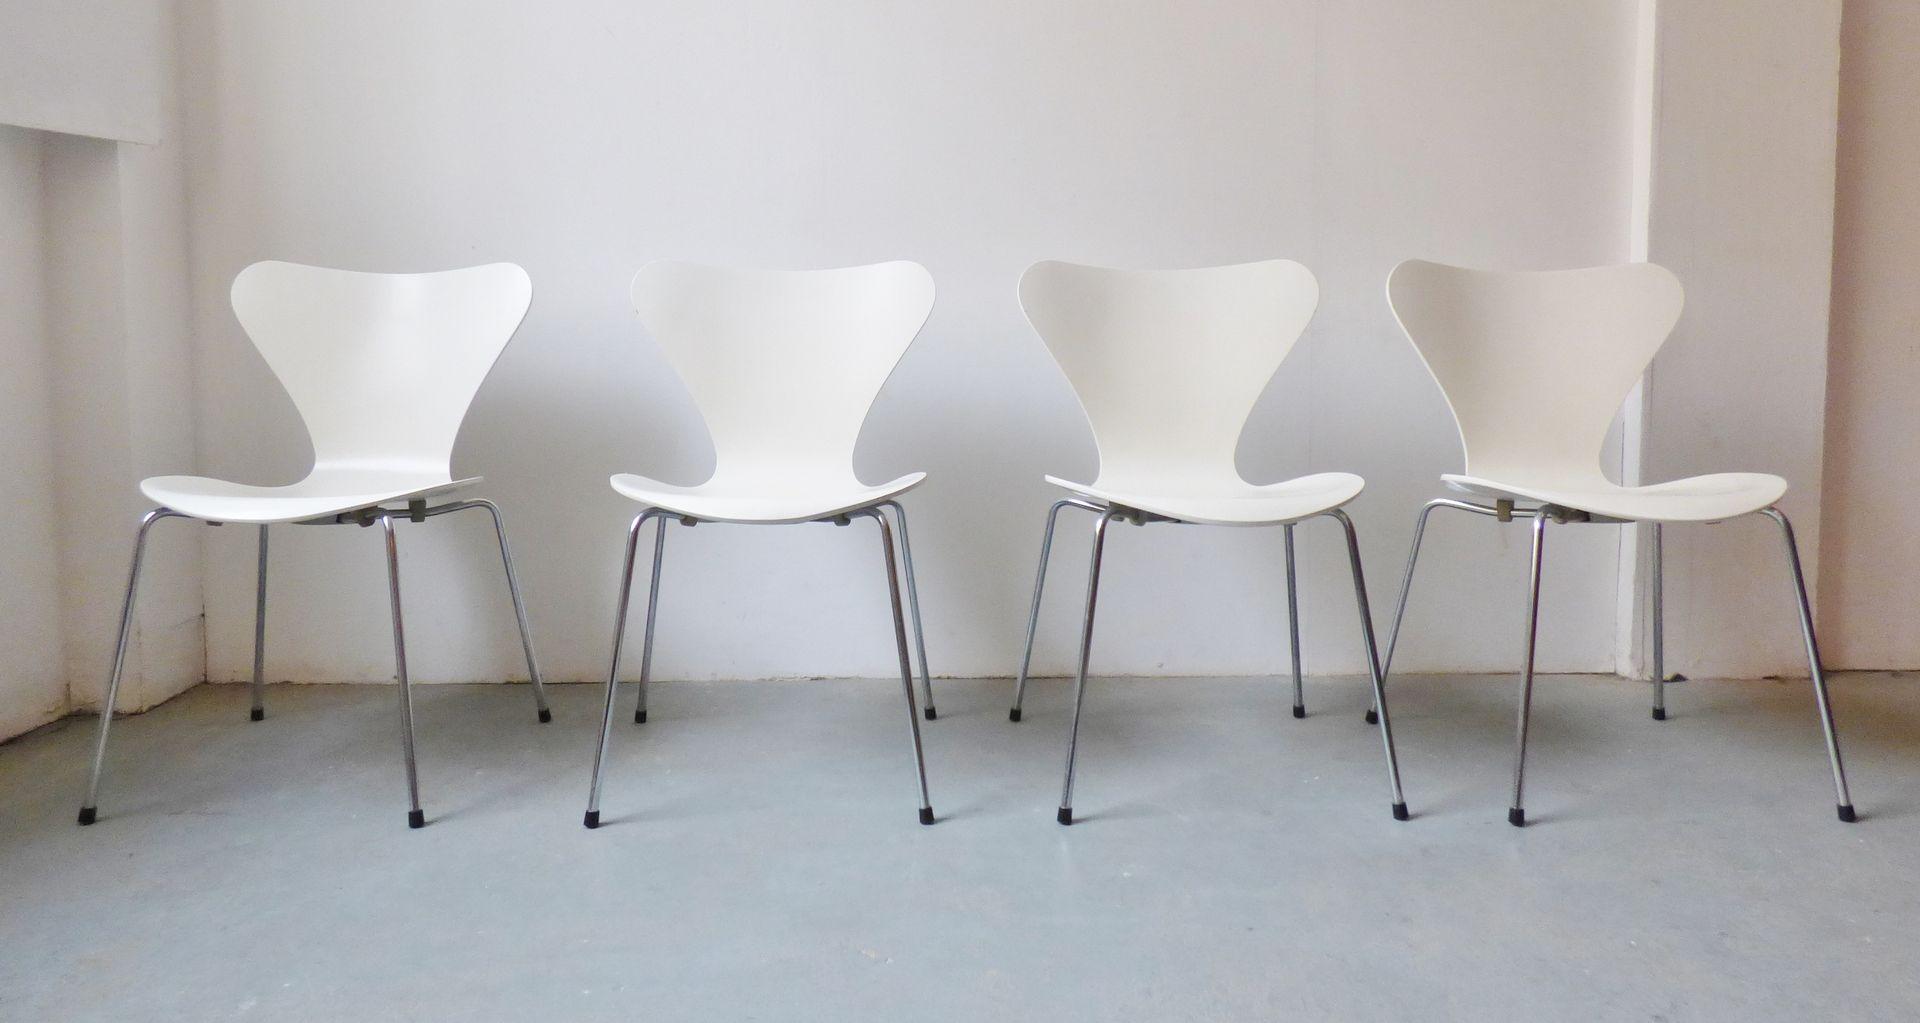 3107 st hle von arne jacobsen f r fritz hansen 1984 4er set bei pamono kaufen. Black Bedroom Furniture Sets. Home Design Ideas